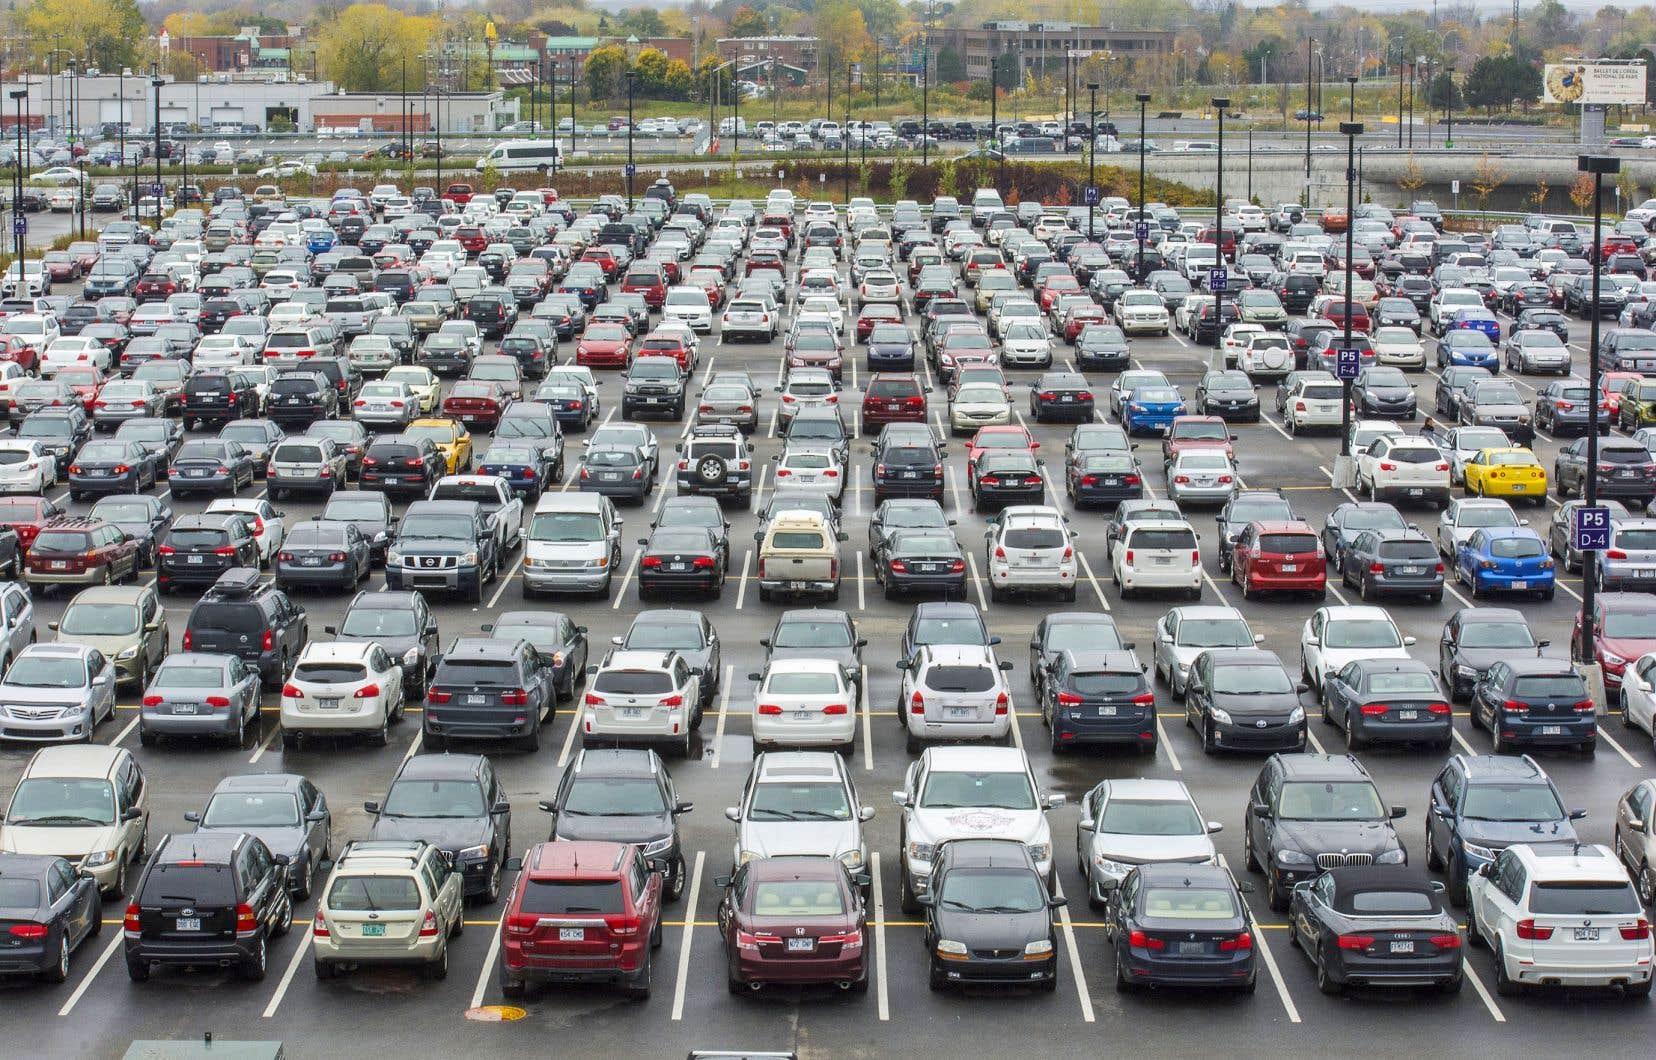 Selon la firme spécialisée DesRosiers Automotive Consultants, les ventes de véhicules neufs au Canada ont atteint un niveau record l'an dernier, pour la cinquième année de suite.